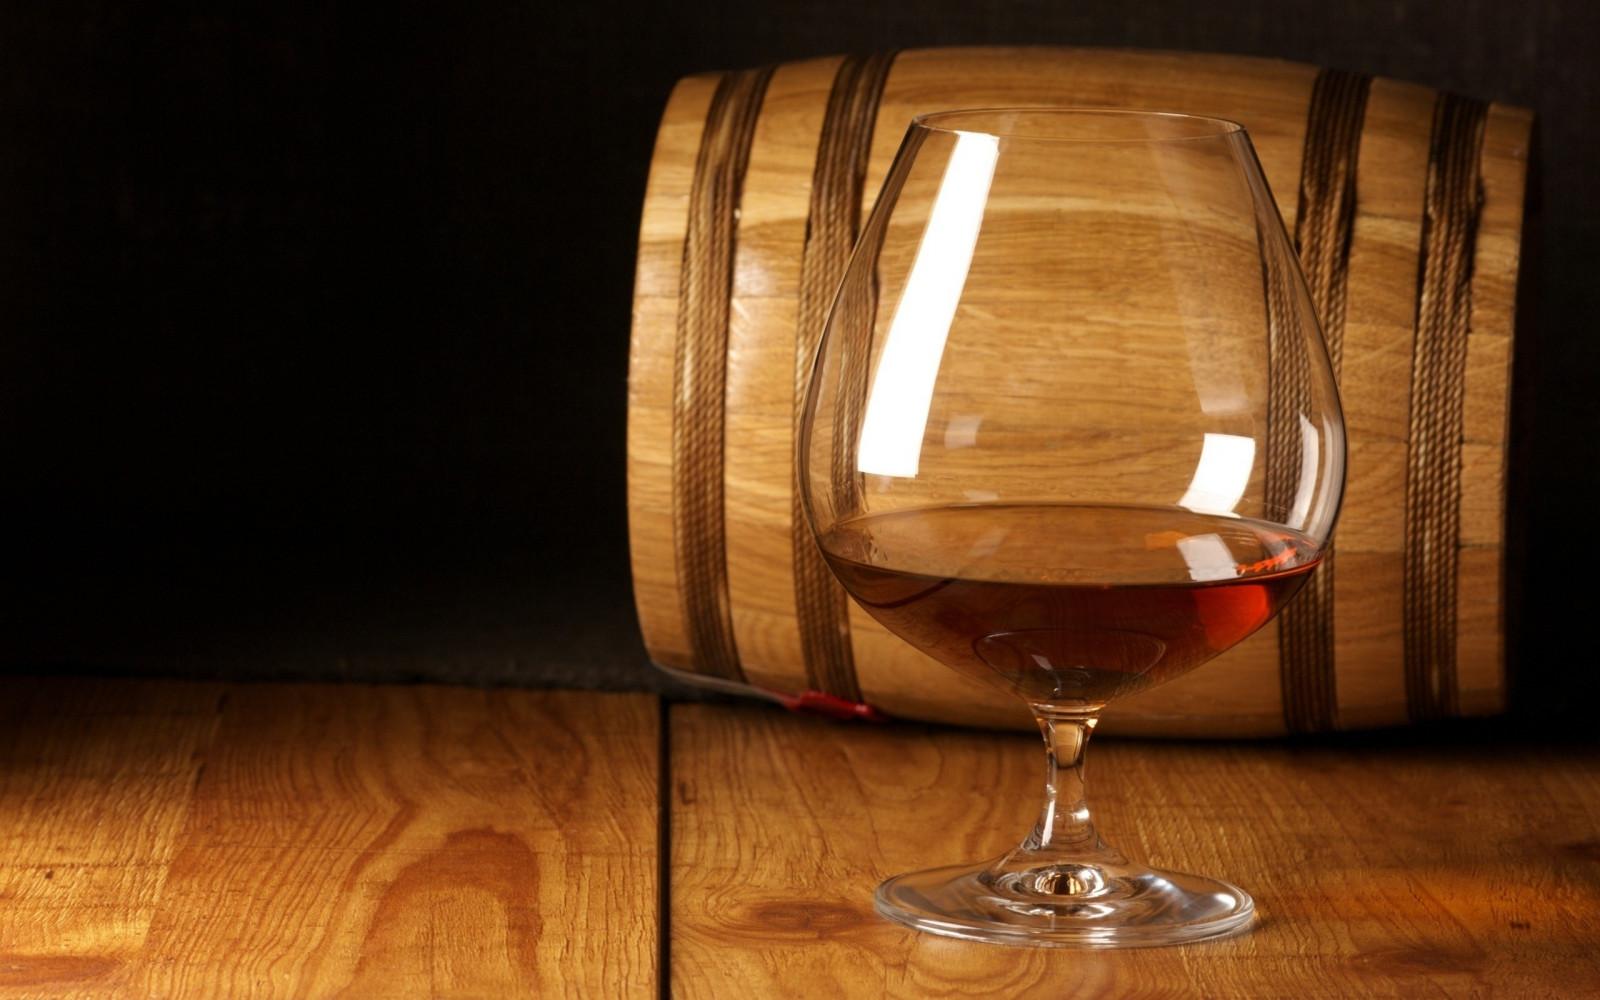 Как приготовить коньяк в домашних условиях из спирта рецепт